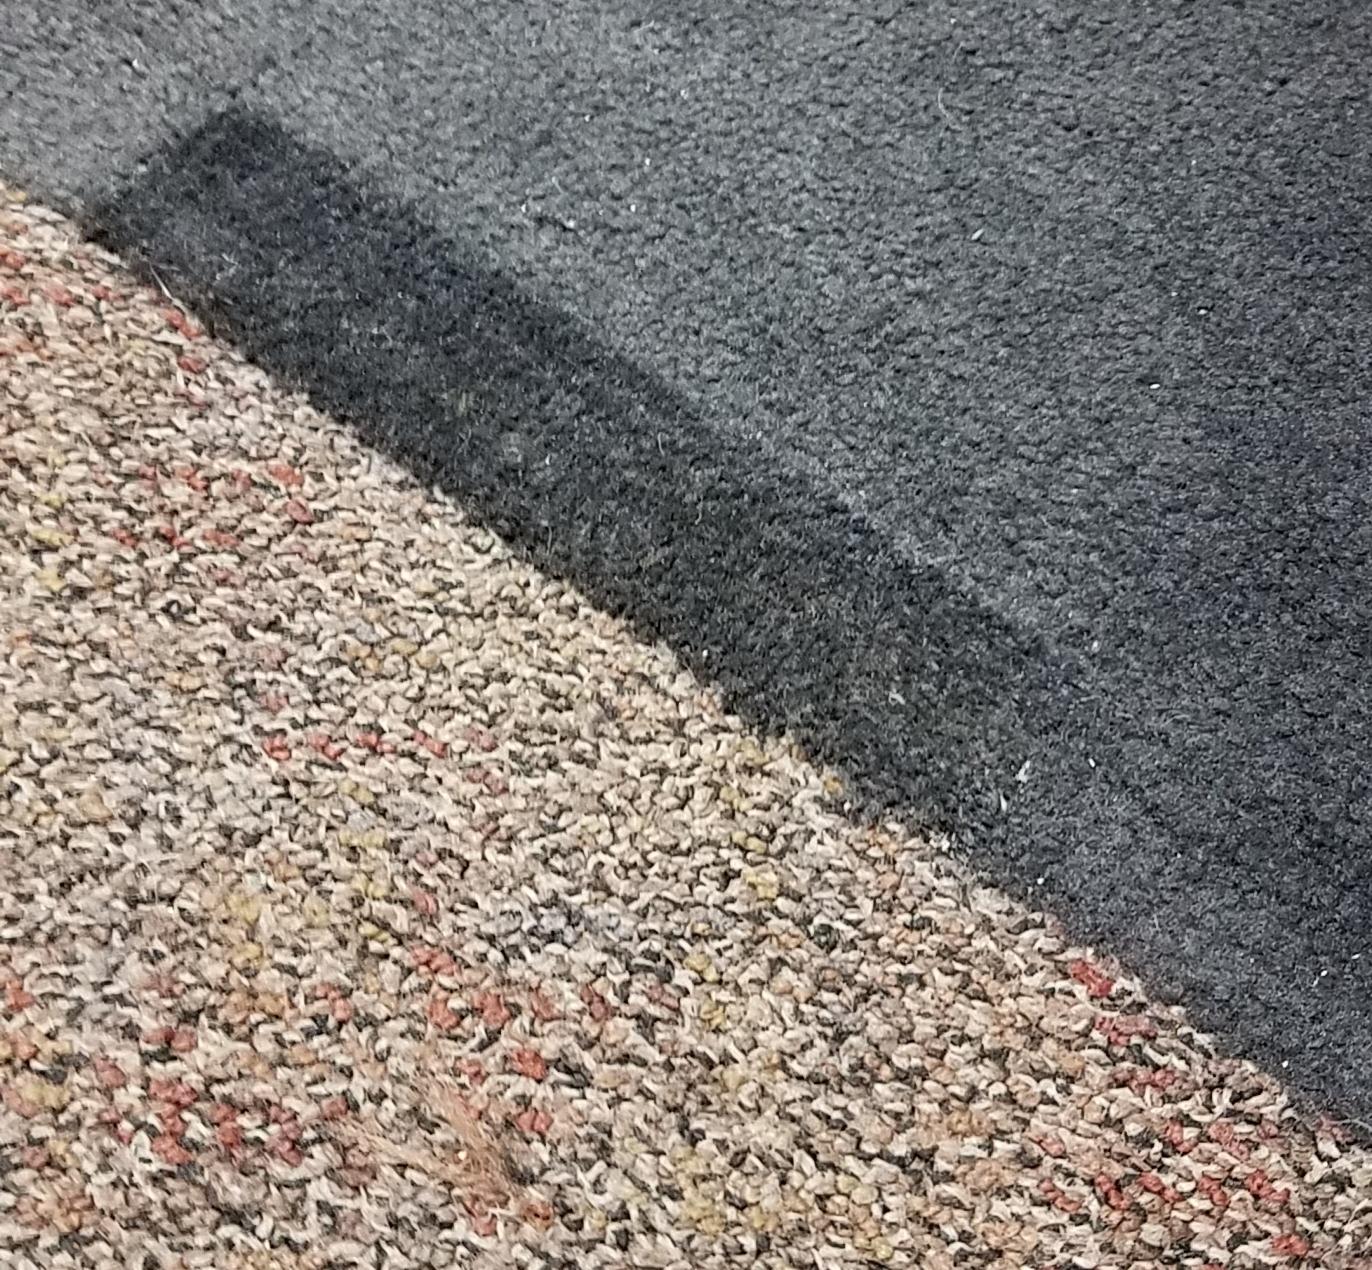 Commercial carpet patch